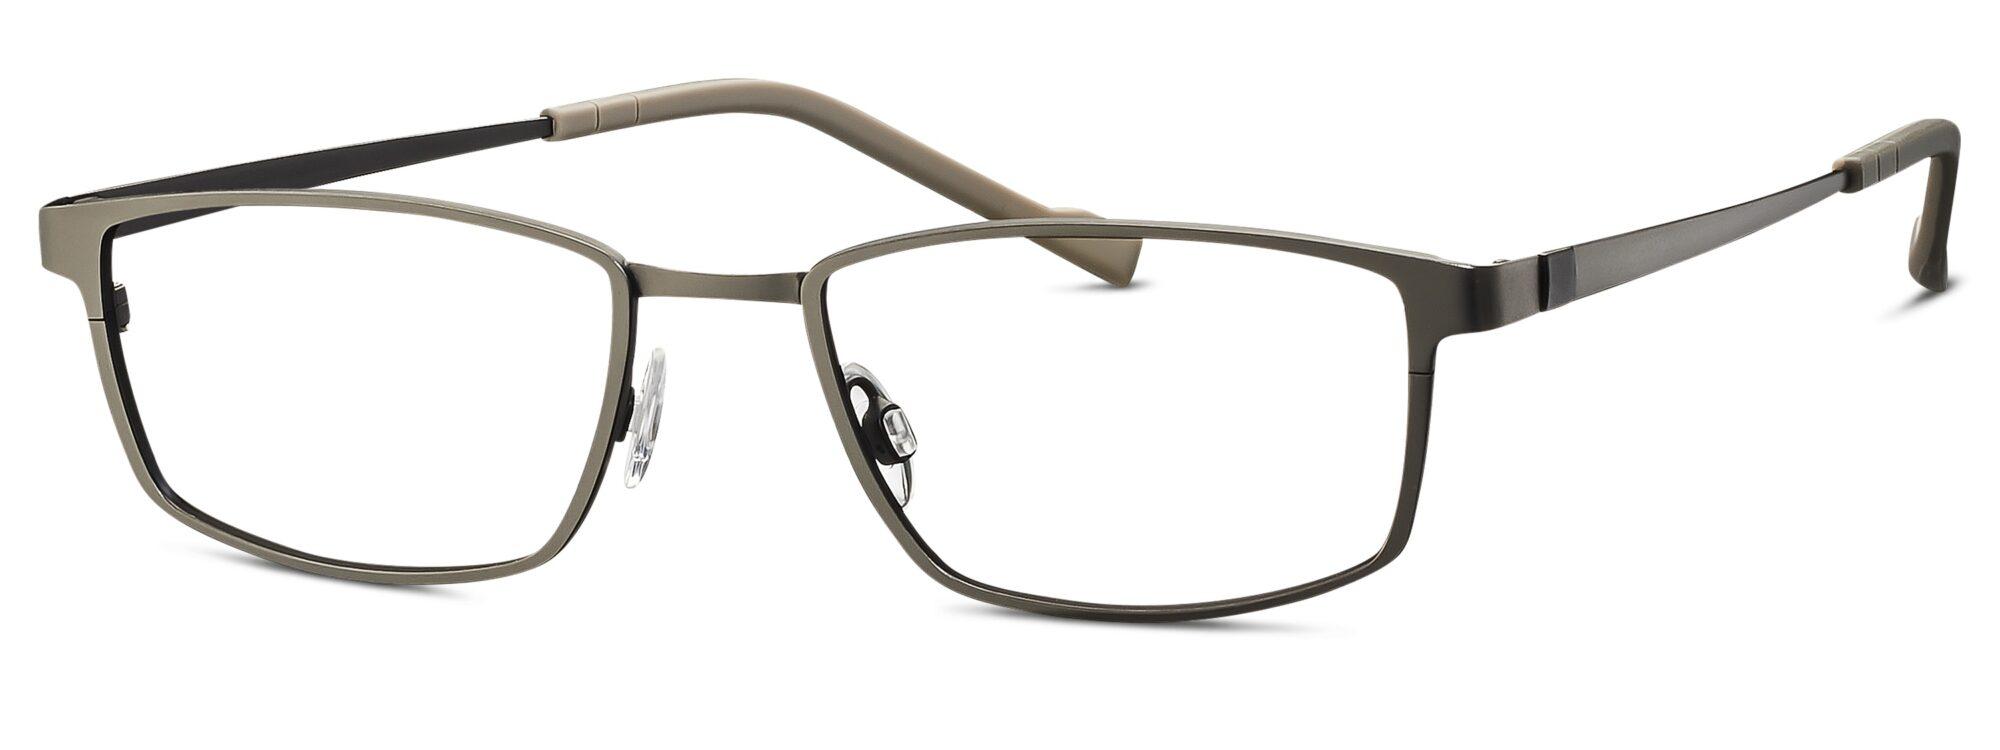 TITANFLEX - 850093-30